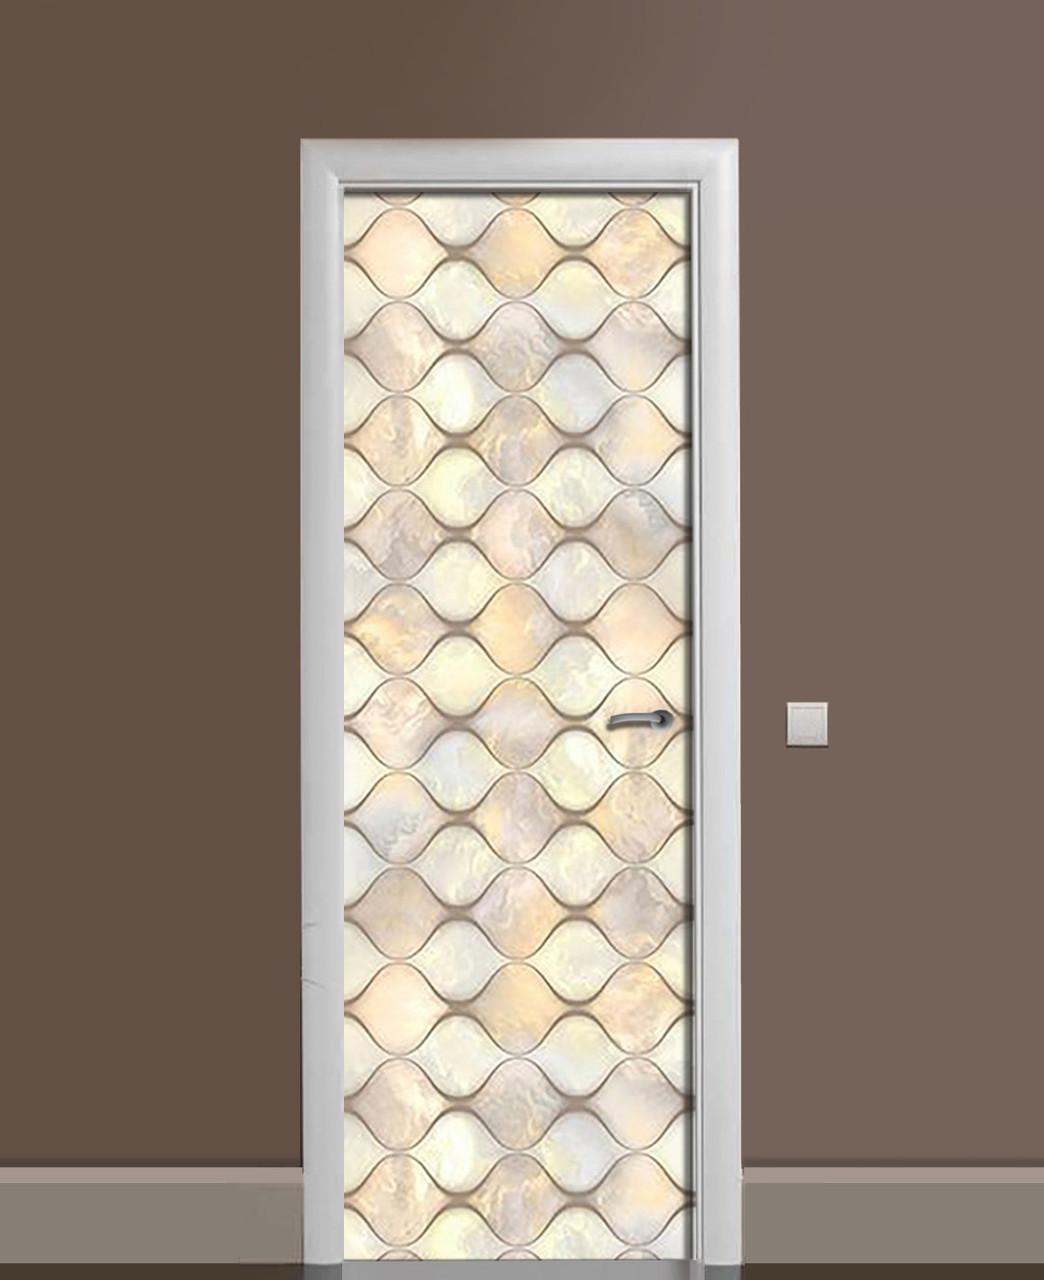 Декоративна наклейка на двері Перламутр Орнамент ромби ПВХ плівка з ламінуванням 65*200см Текстура Бежевий